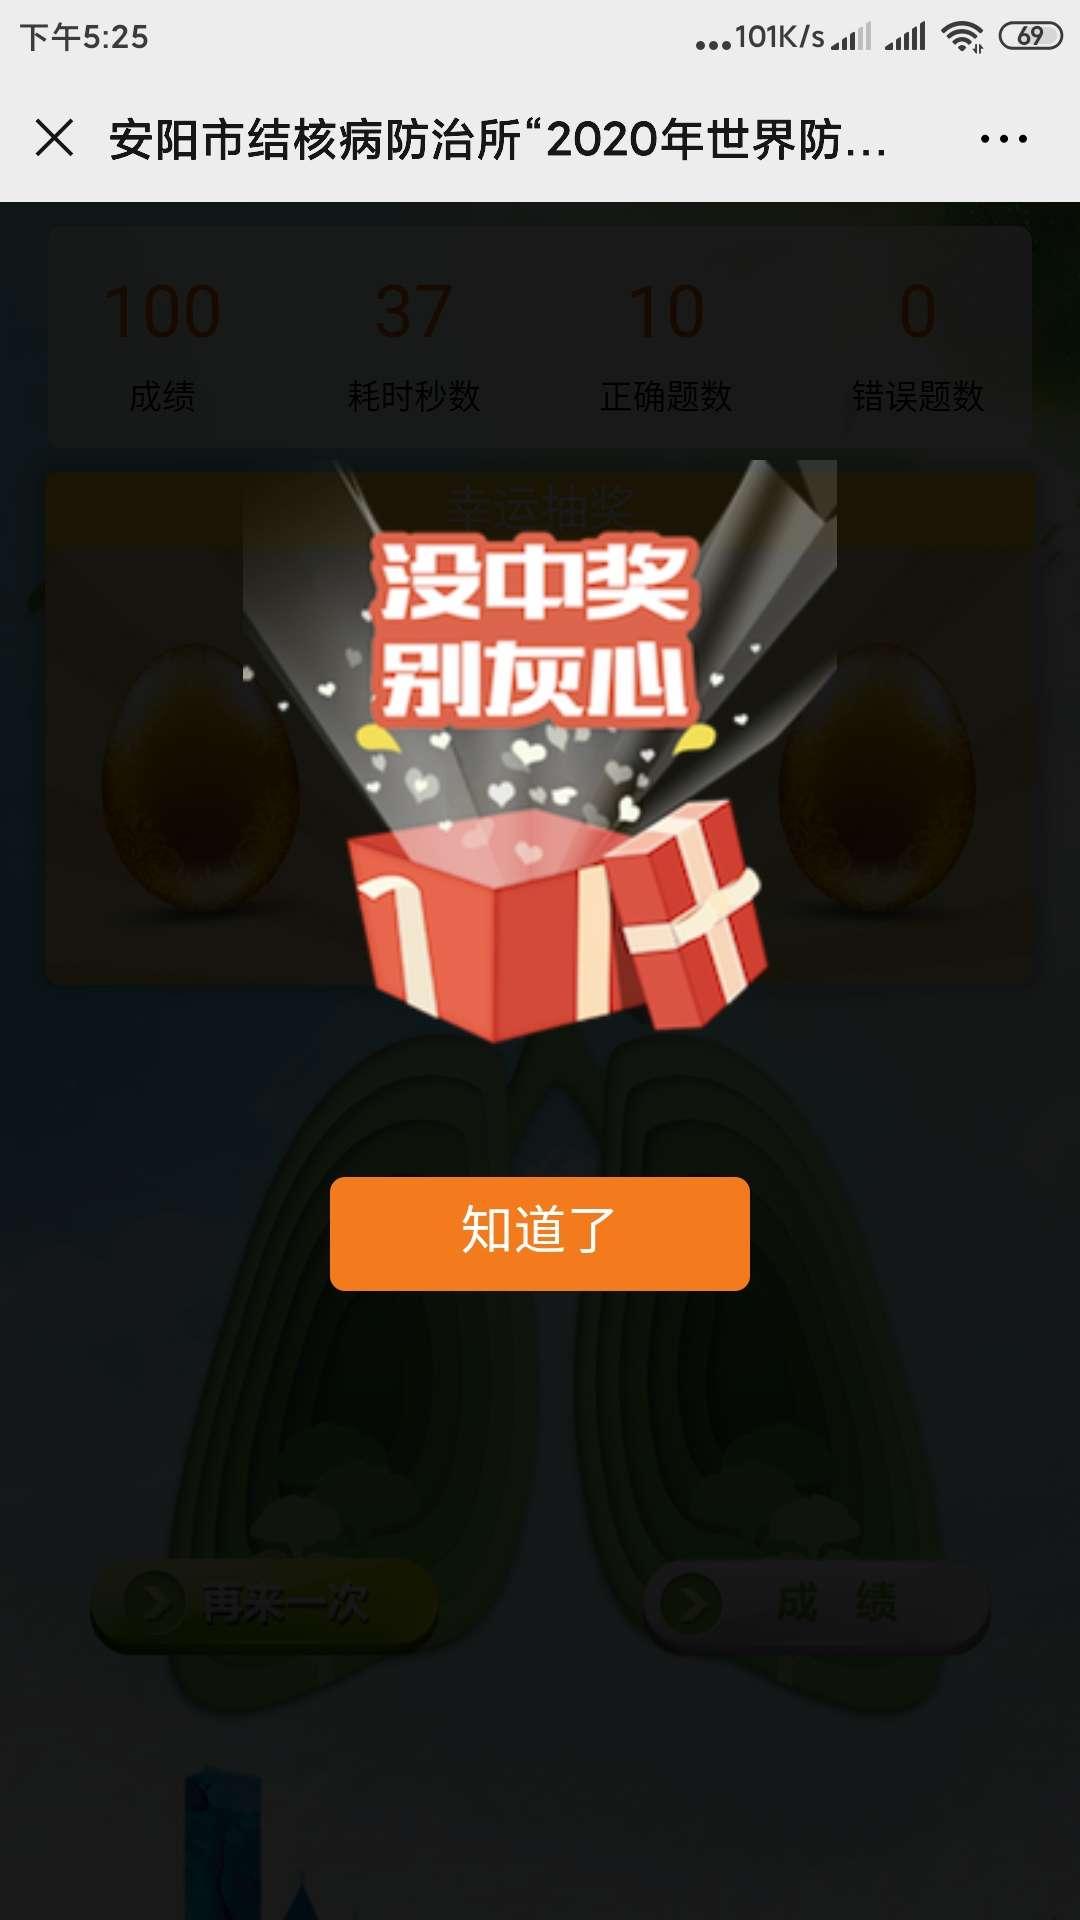 线报-「红包专区」安阳市答题-惠小助(52huixz.com)